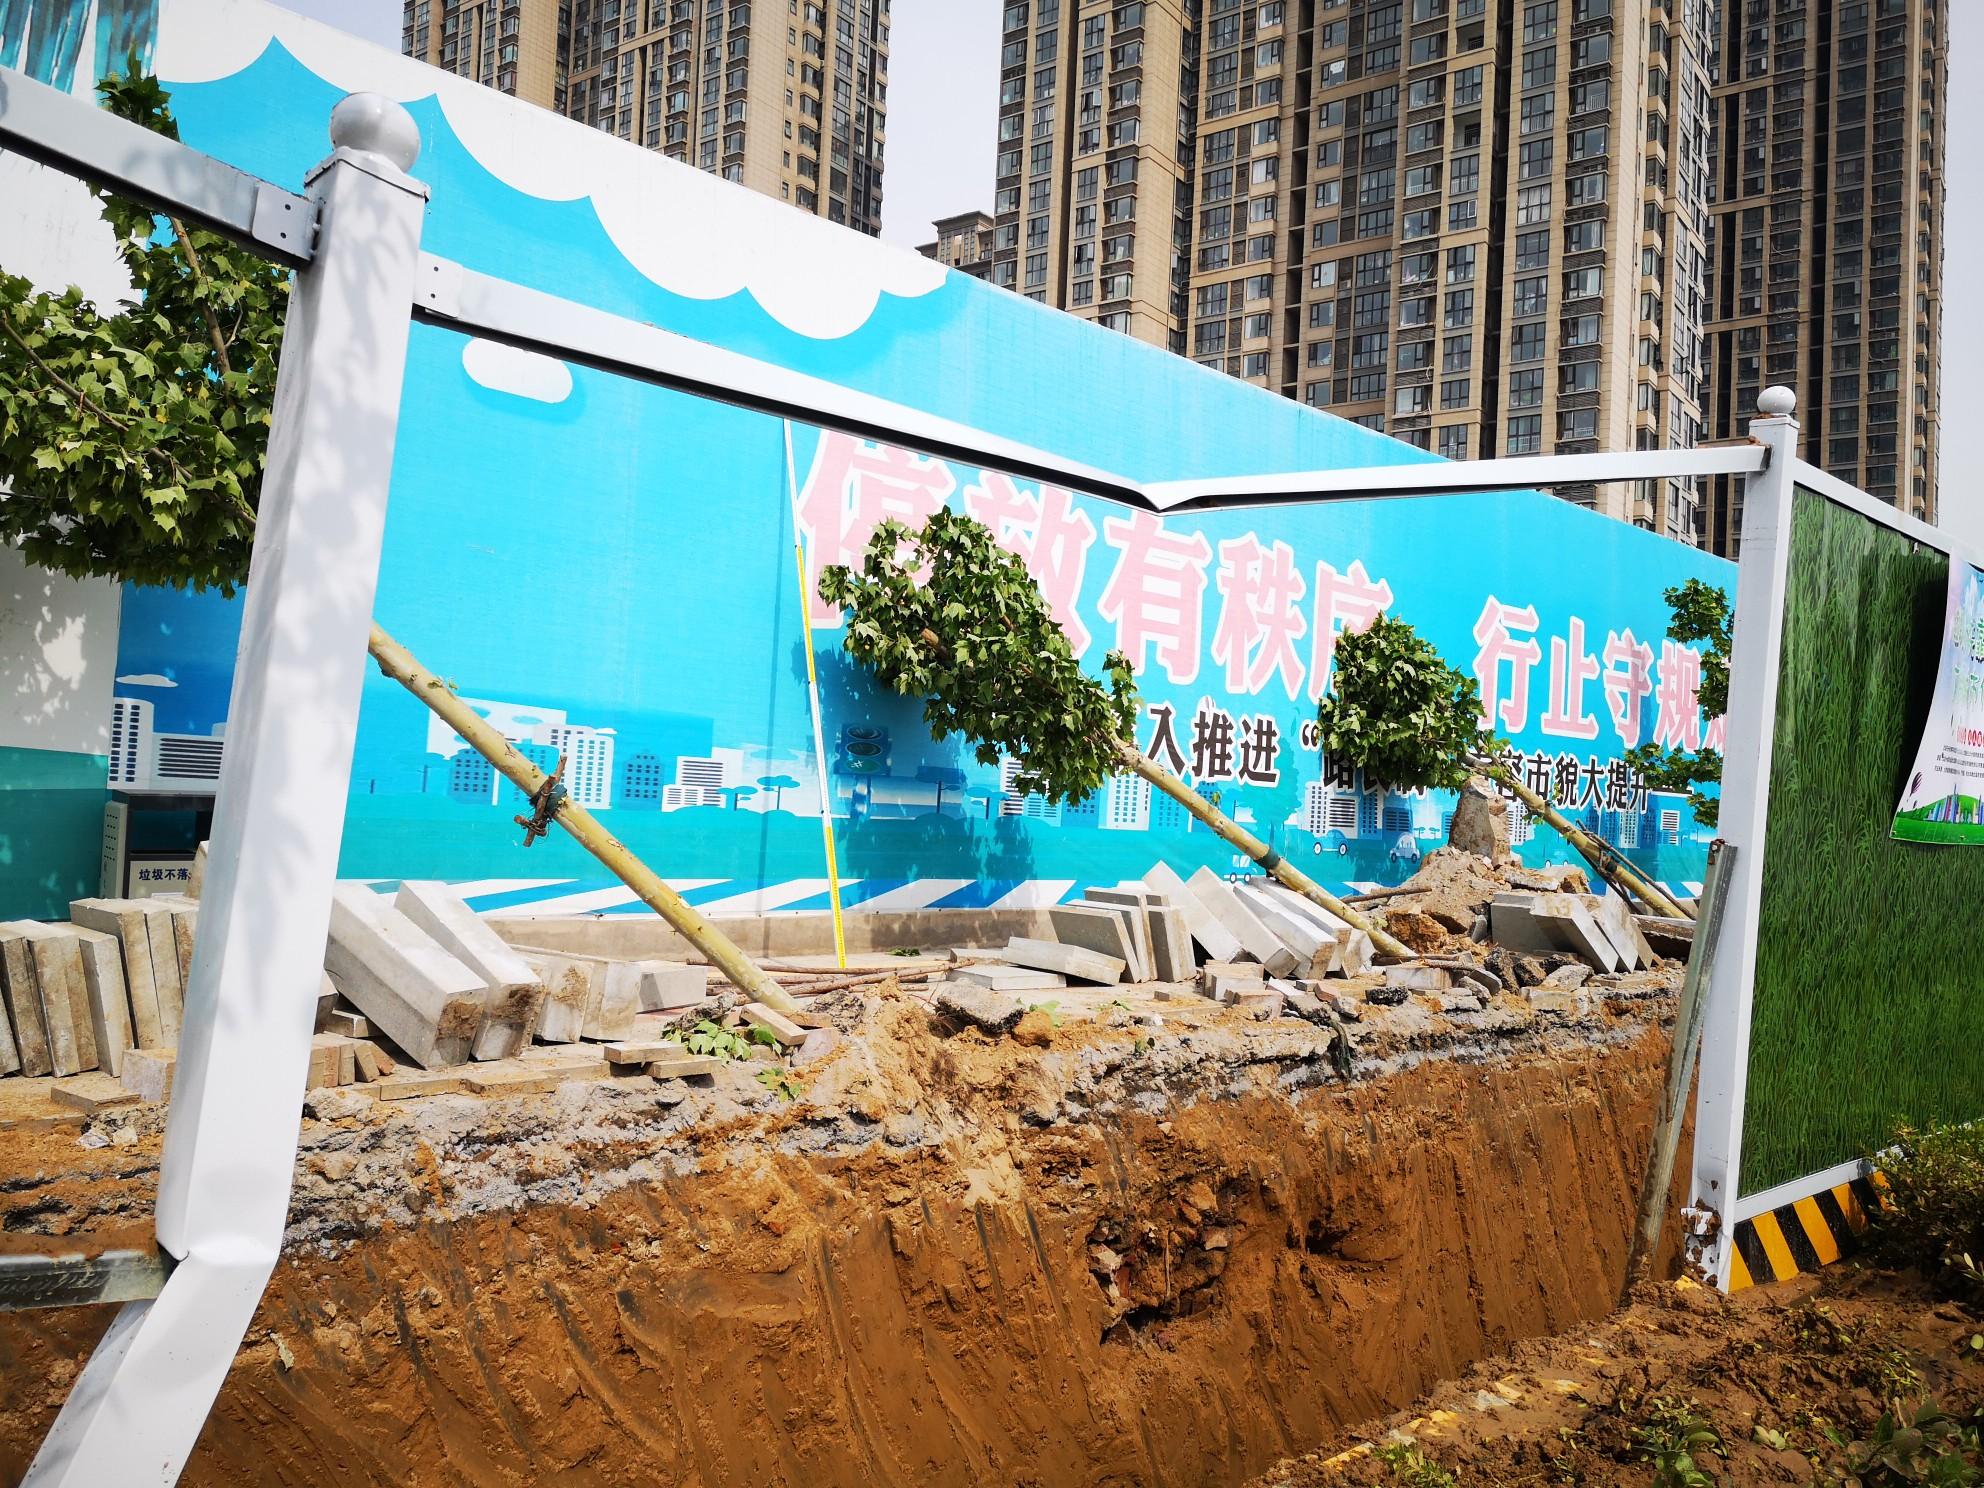 河南信阳挖掘机_郑州路边施工挖沟,行道树被毁坏 - 河南一百度